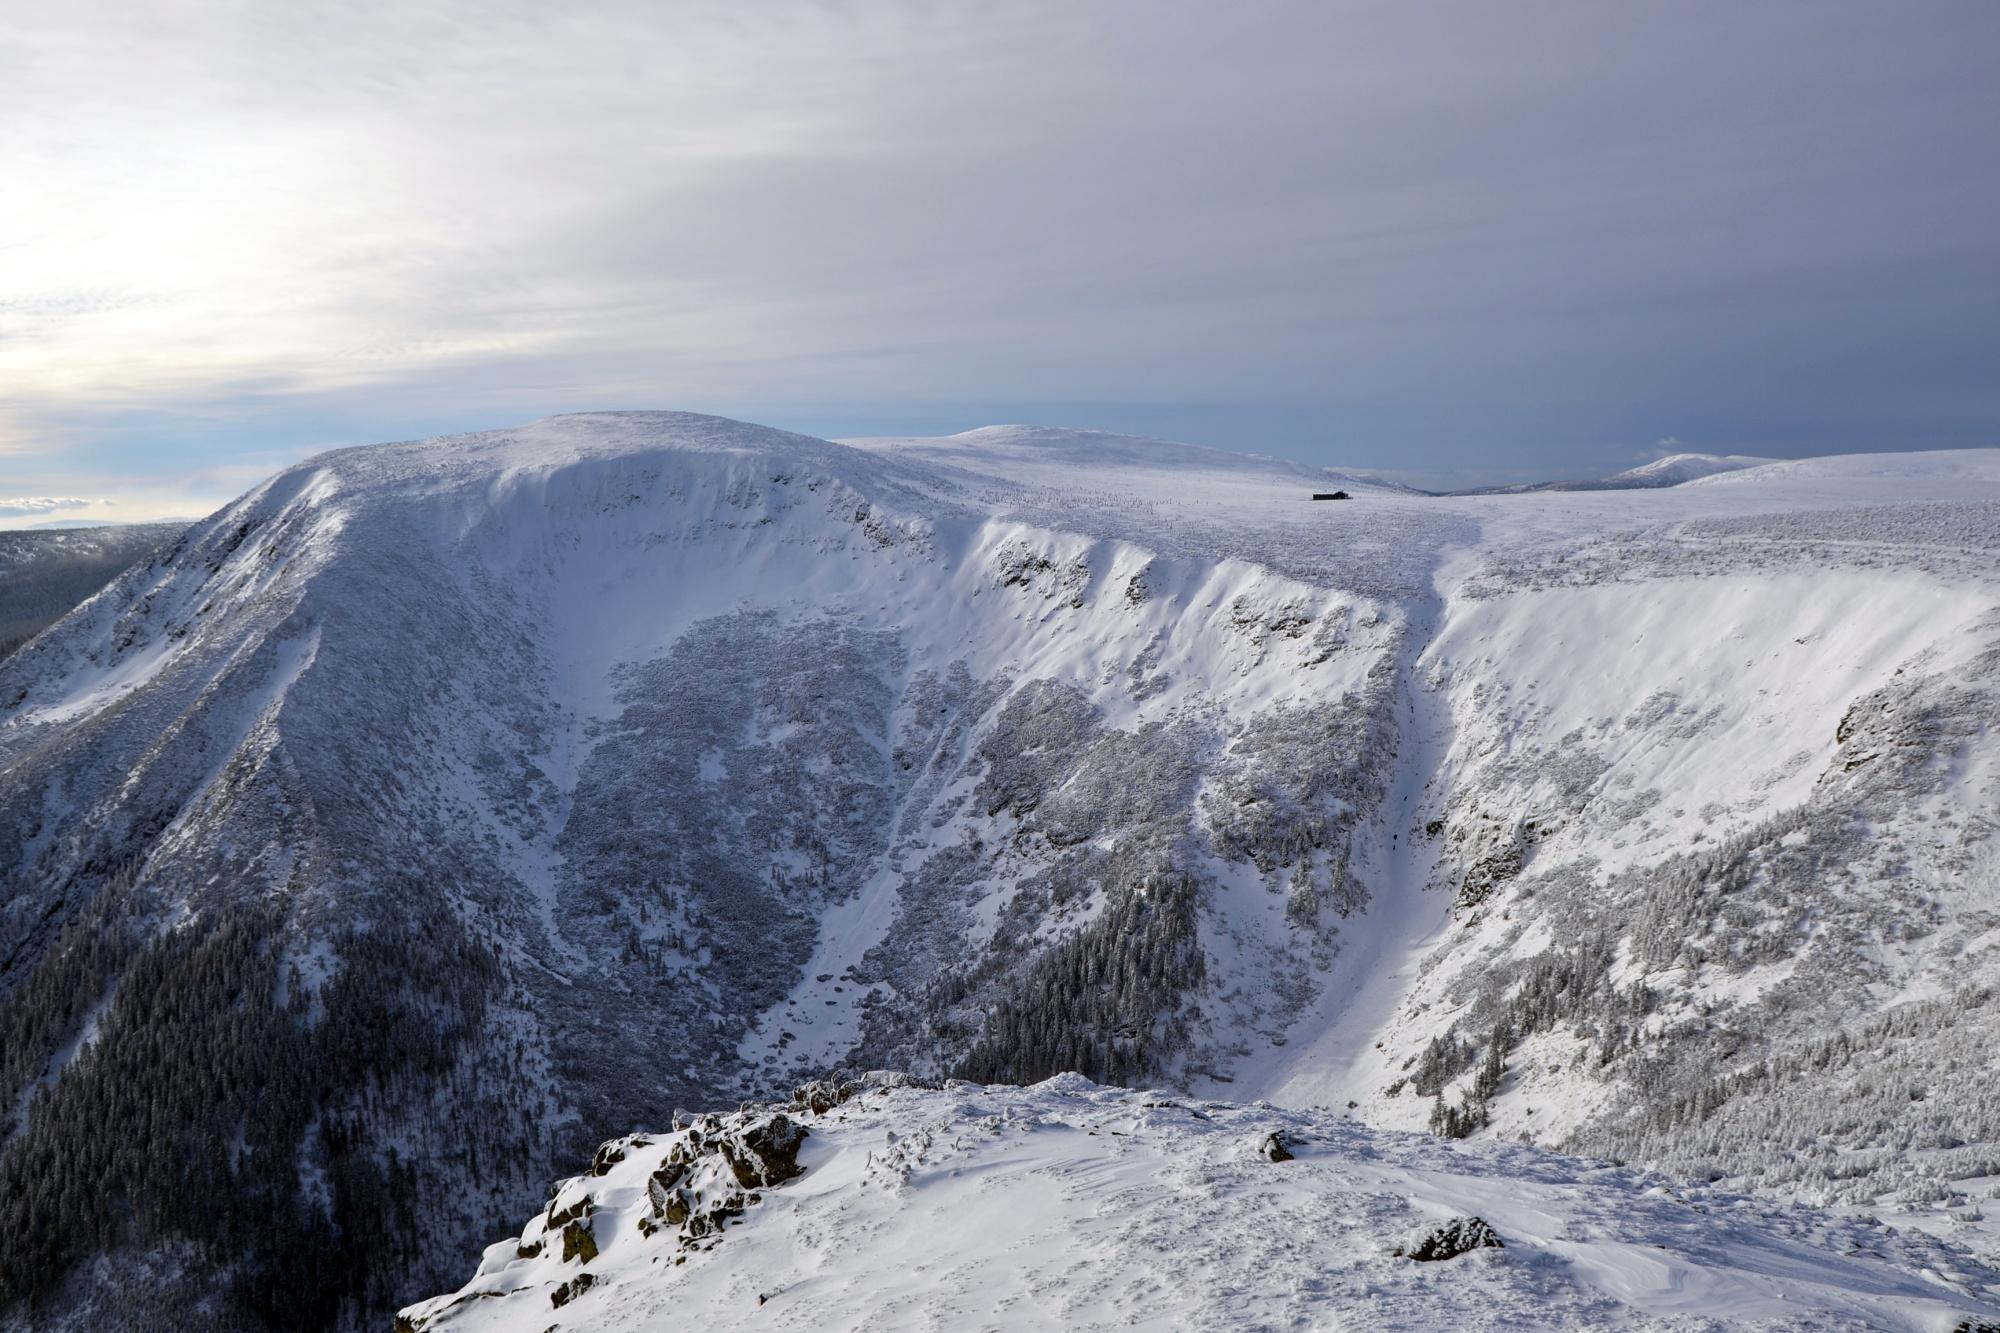 Pohled ze Sněžky na Obří sedlo, Krkonoše